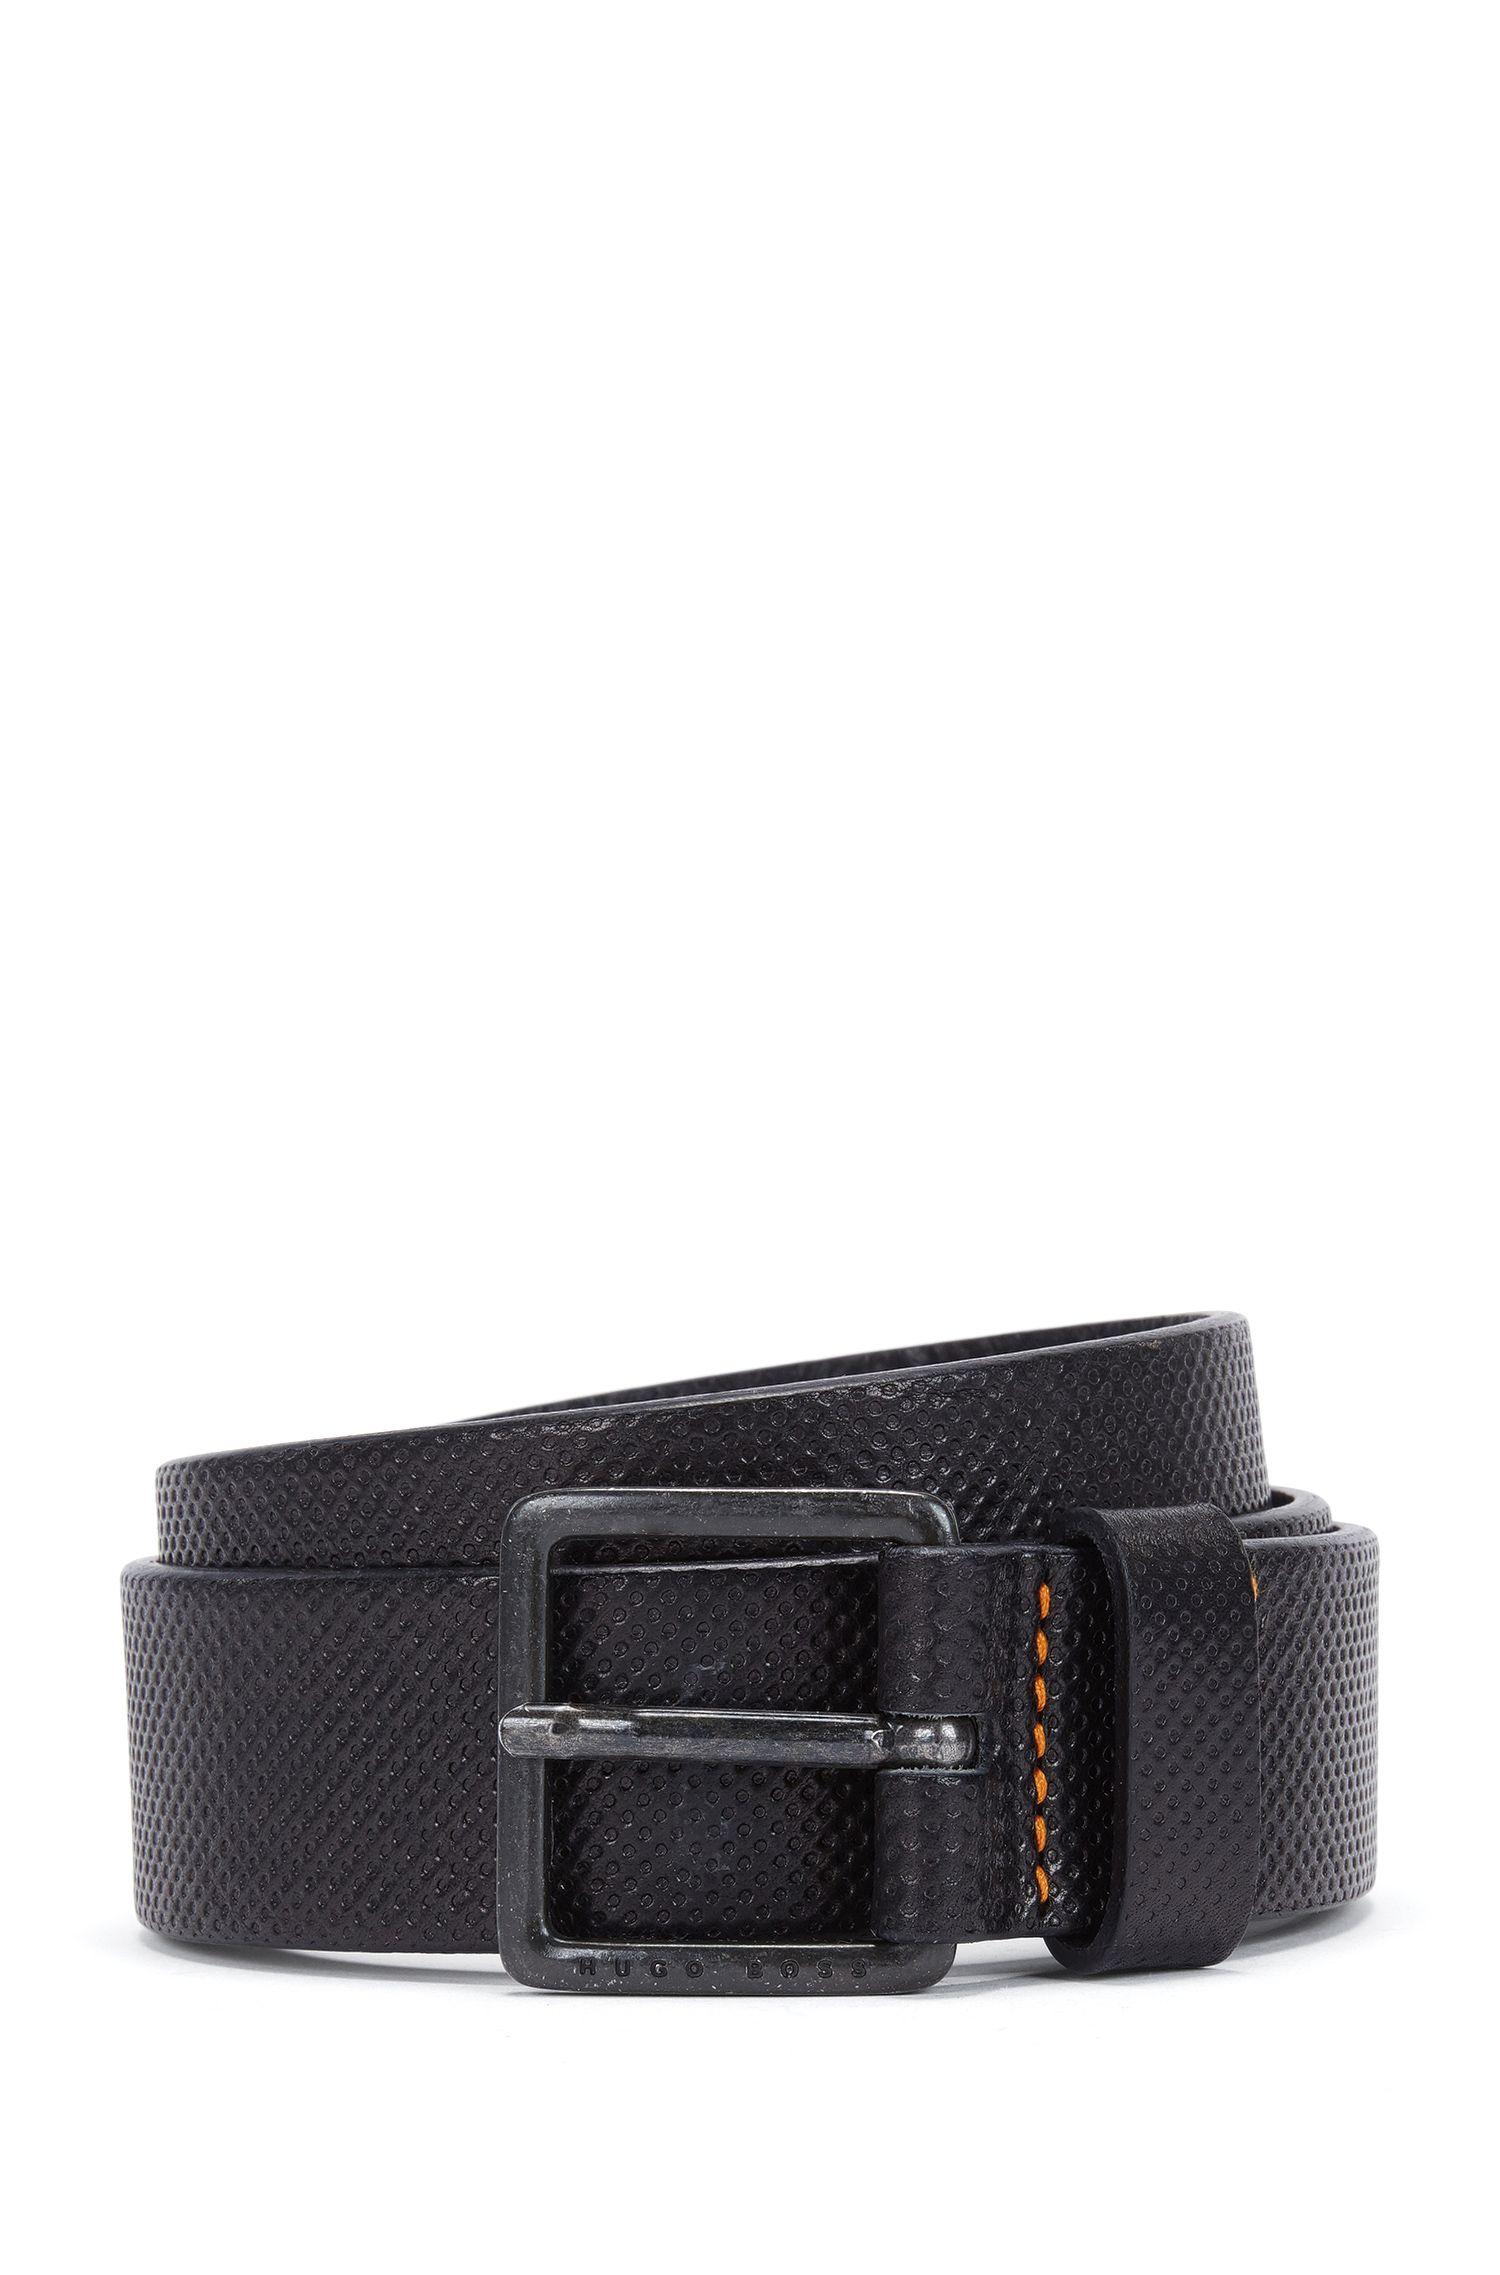 Cinturón de piel grabada con detalle de la marca en la hebilla de metal